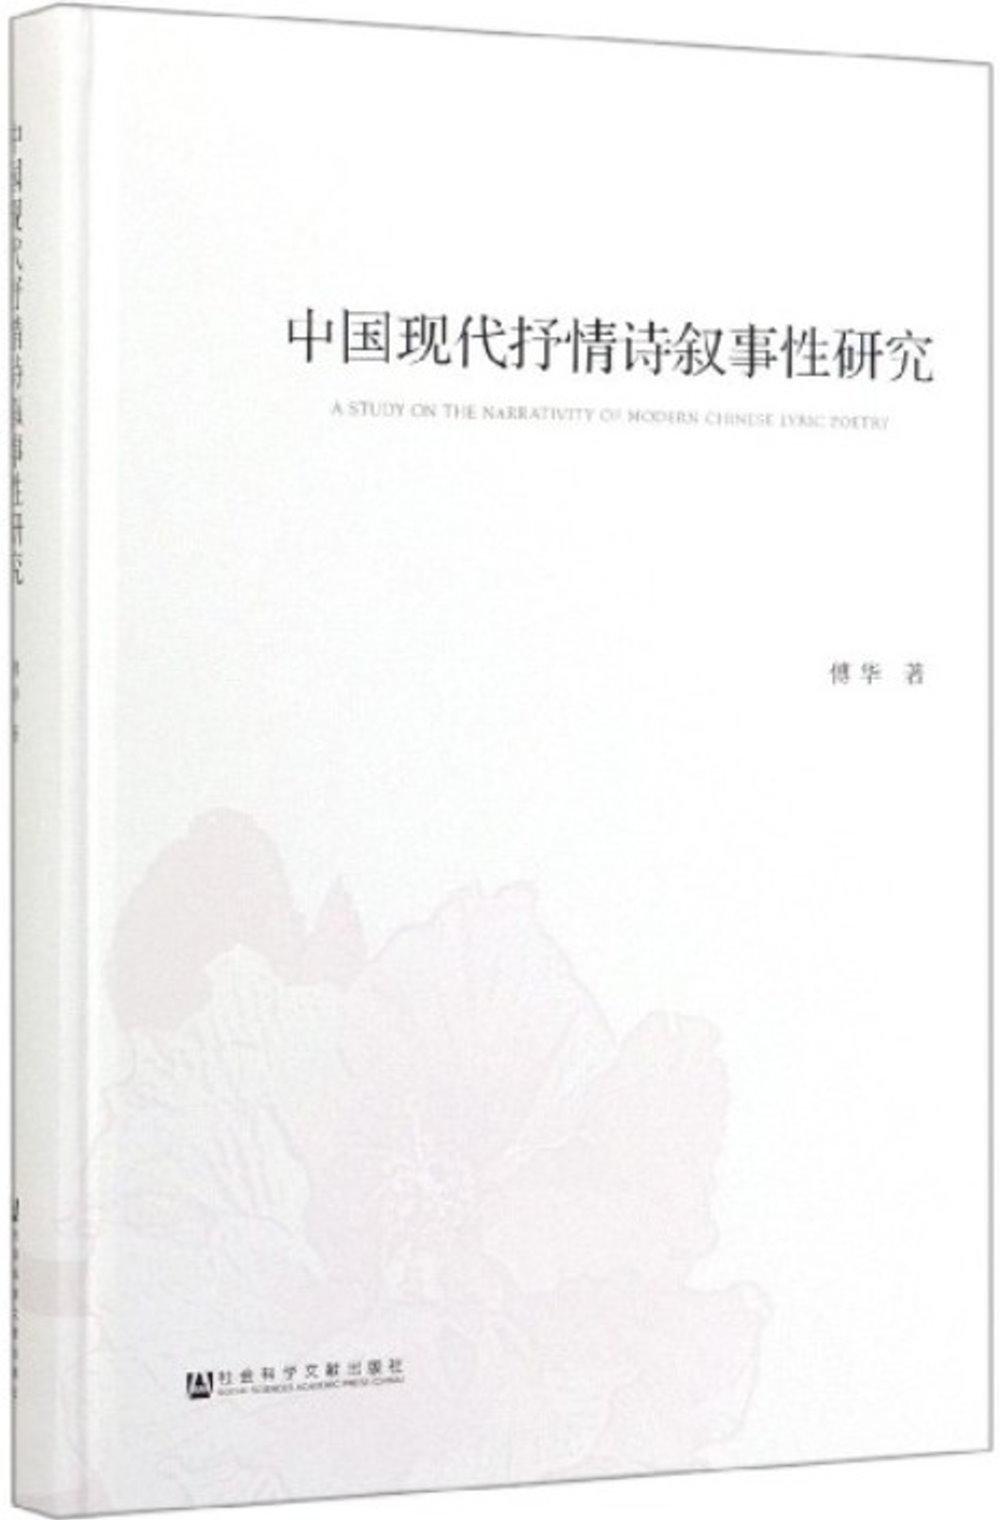 中國現代抒情詩敘事性研究